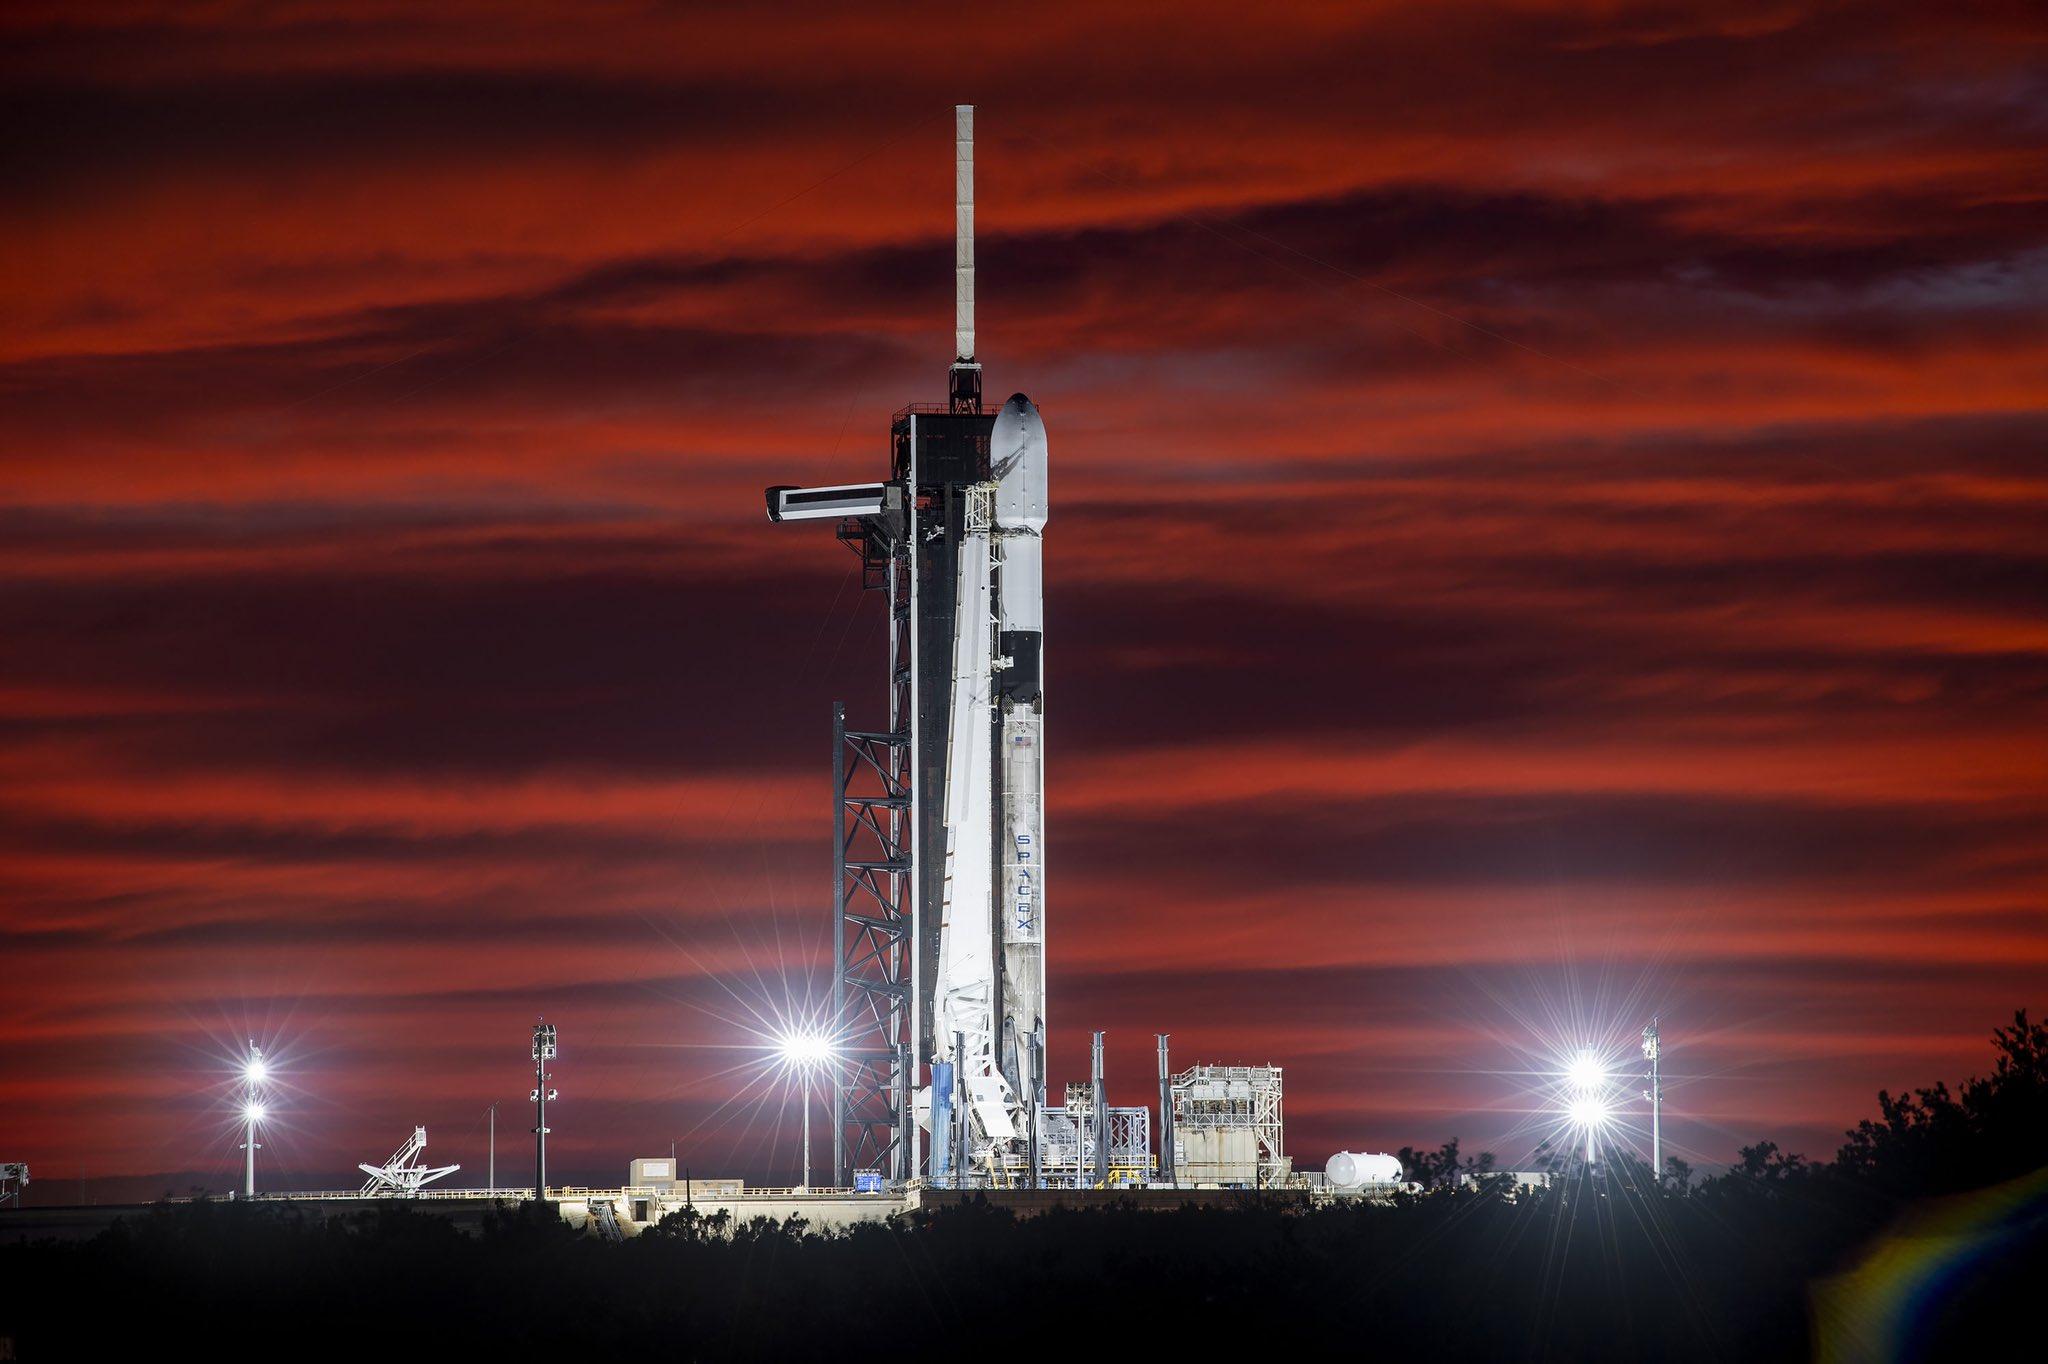 Starlink-12 F9 B1058 39A 100320 (SpaceX) 1